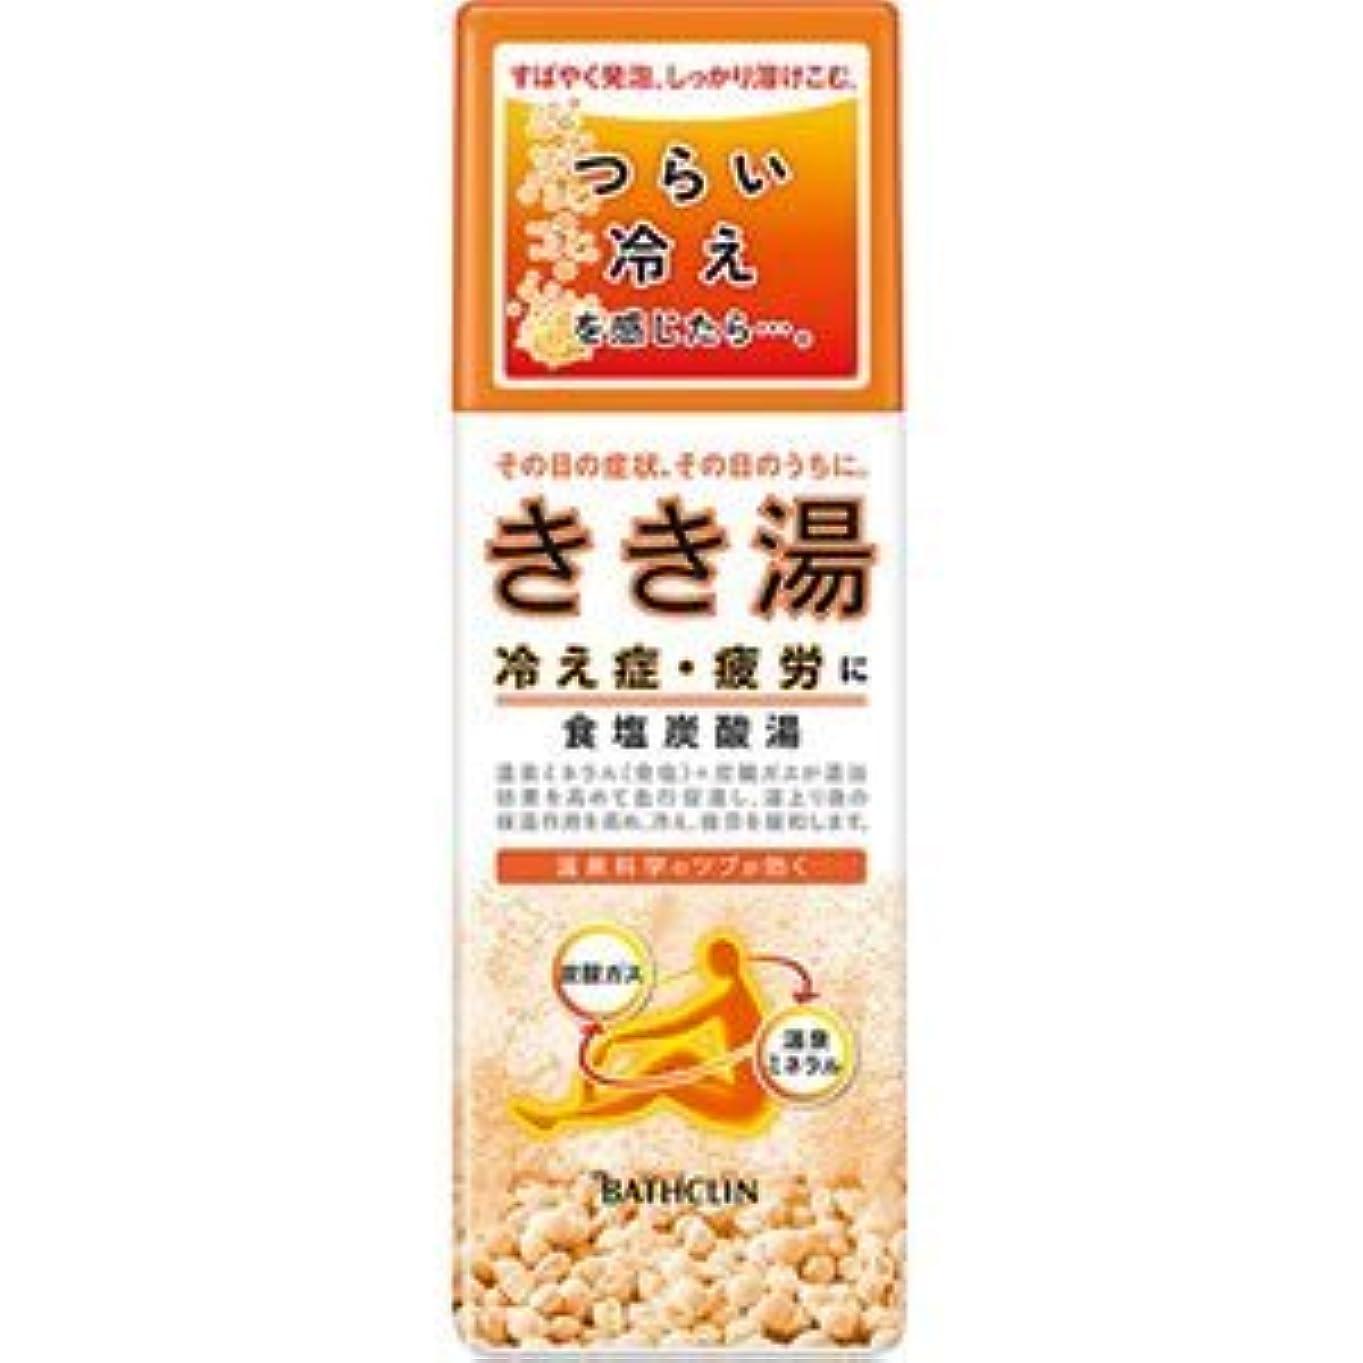 画像放射する申し立てられた【バスクリン】きき湯 食塩炭酸湯 360g(医薬部外品)(お買い得3個セット)